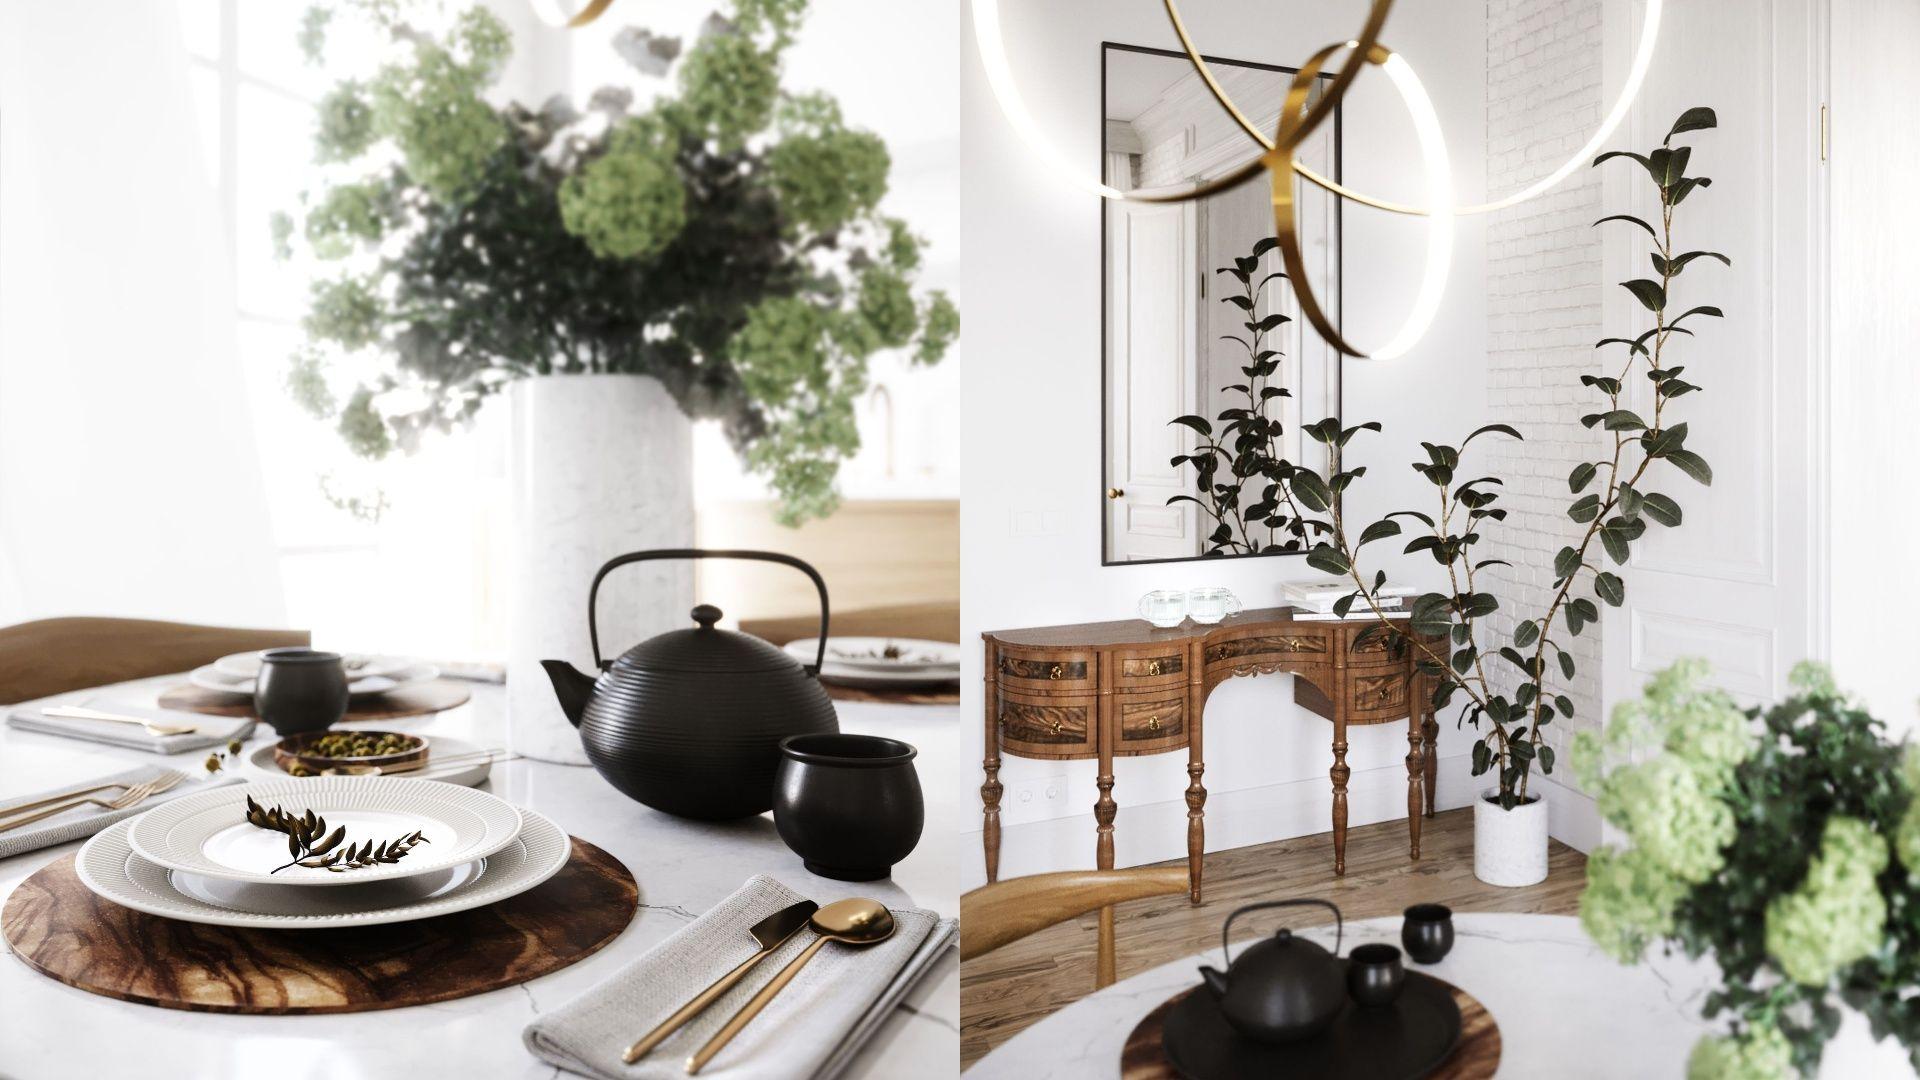 Kwiaty w wazonach to świetny sposób na wprowadzenie natury do salonu. Projekt i wizualizacje Katarzyna Kacik, Aleksandra Poprawa, pracownia projektowa houm